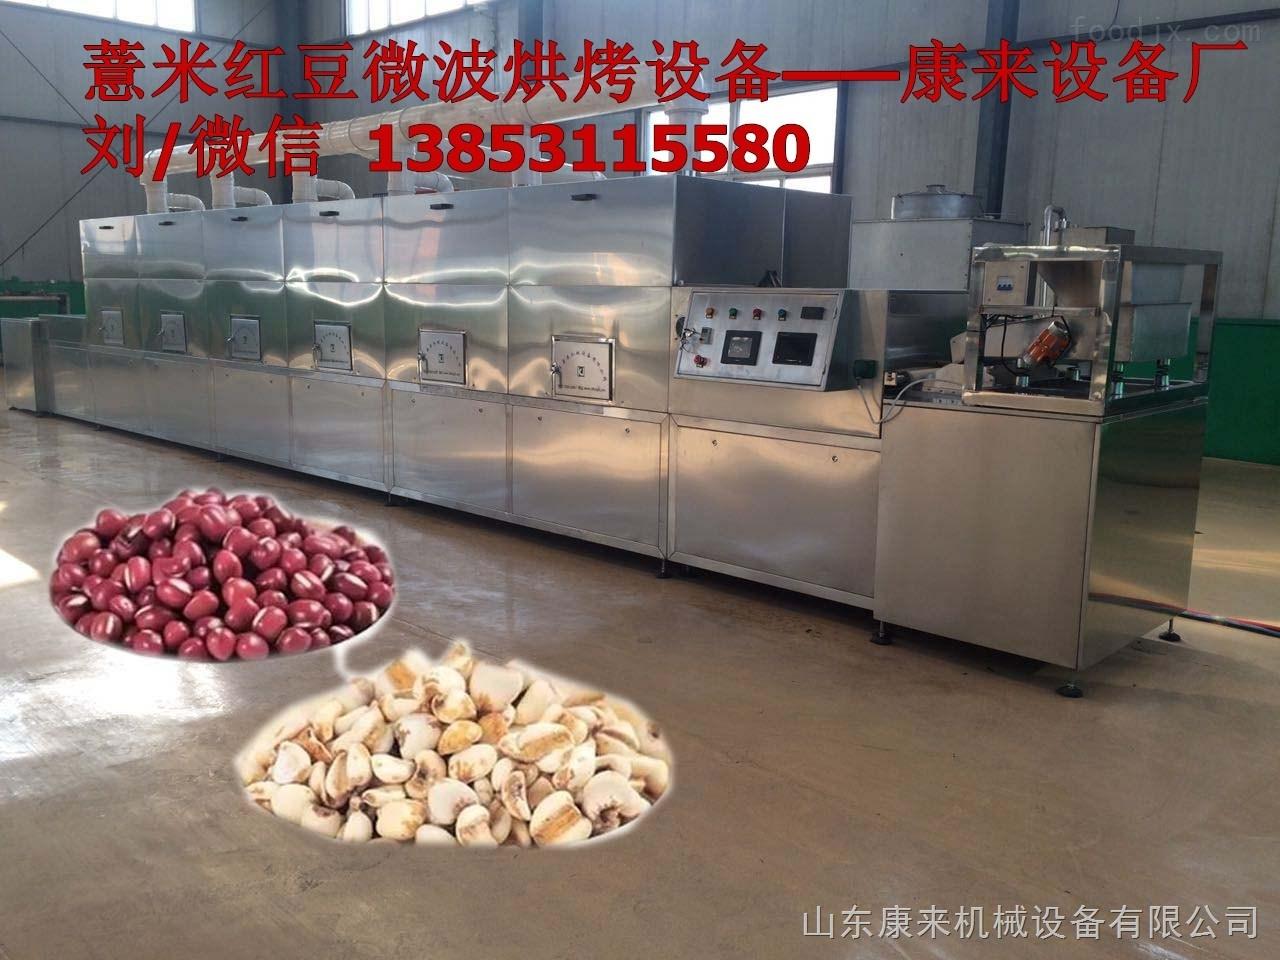 牛肉干烘干杀菌设备,微波牛肉烘干隧道炉